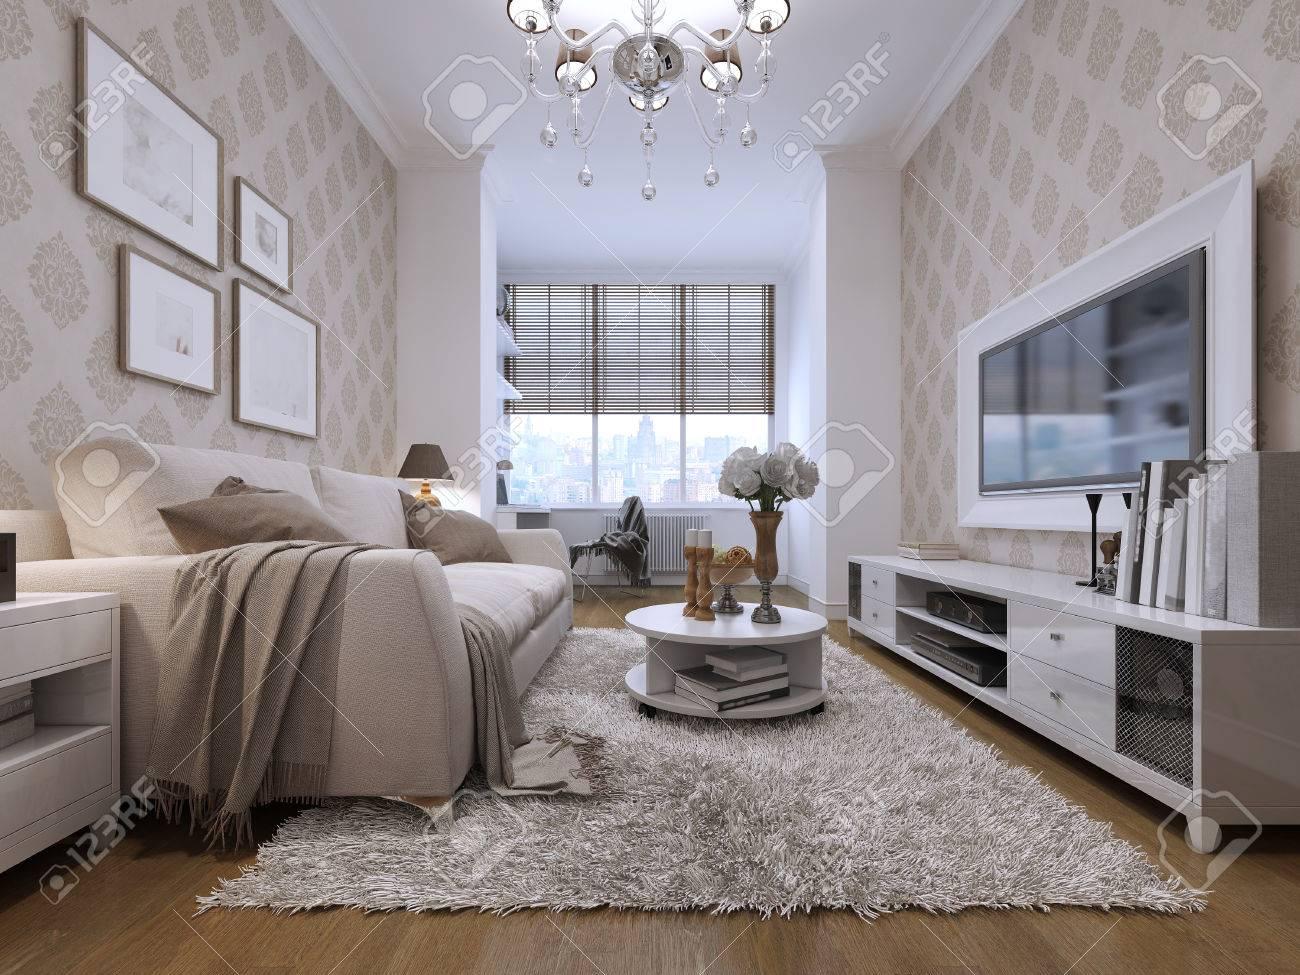 Die Zimmer Im Art-Deco-Stil. Mit Media-System Mit TV In Einem Weißen ...